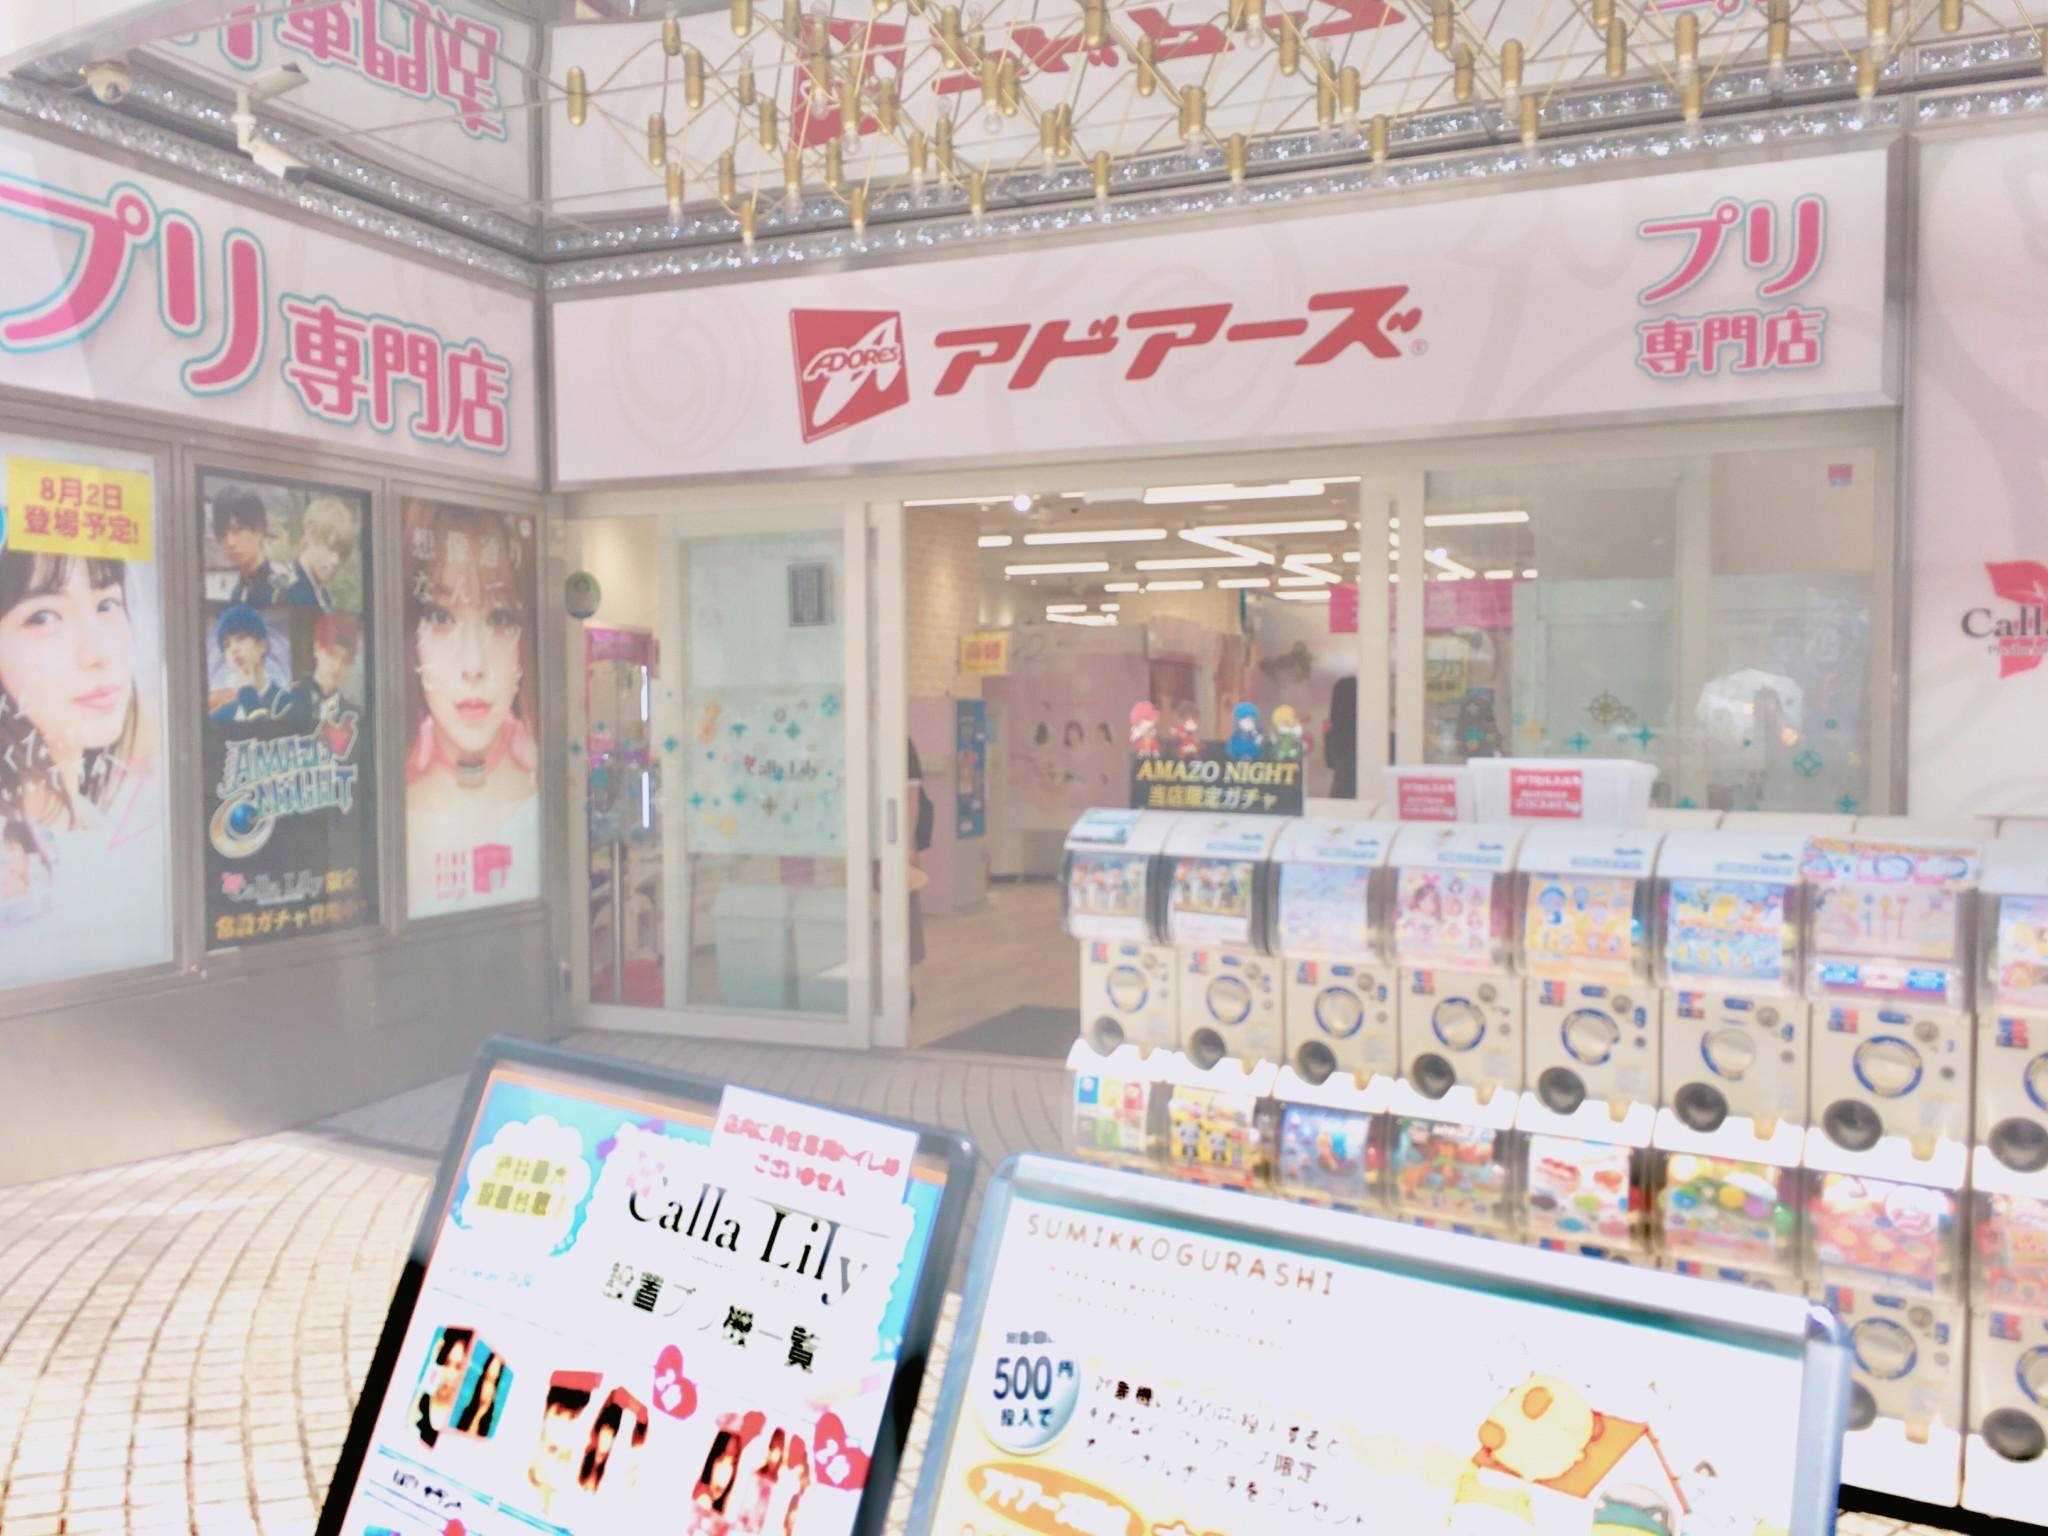 渋谷プリクラが撮れるお店「アドアーズ カラーリリー」1